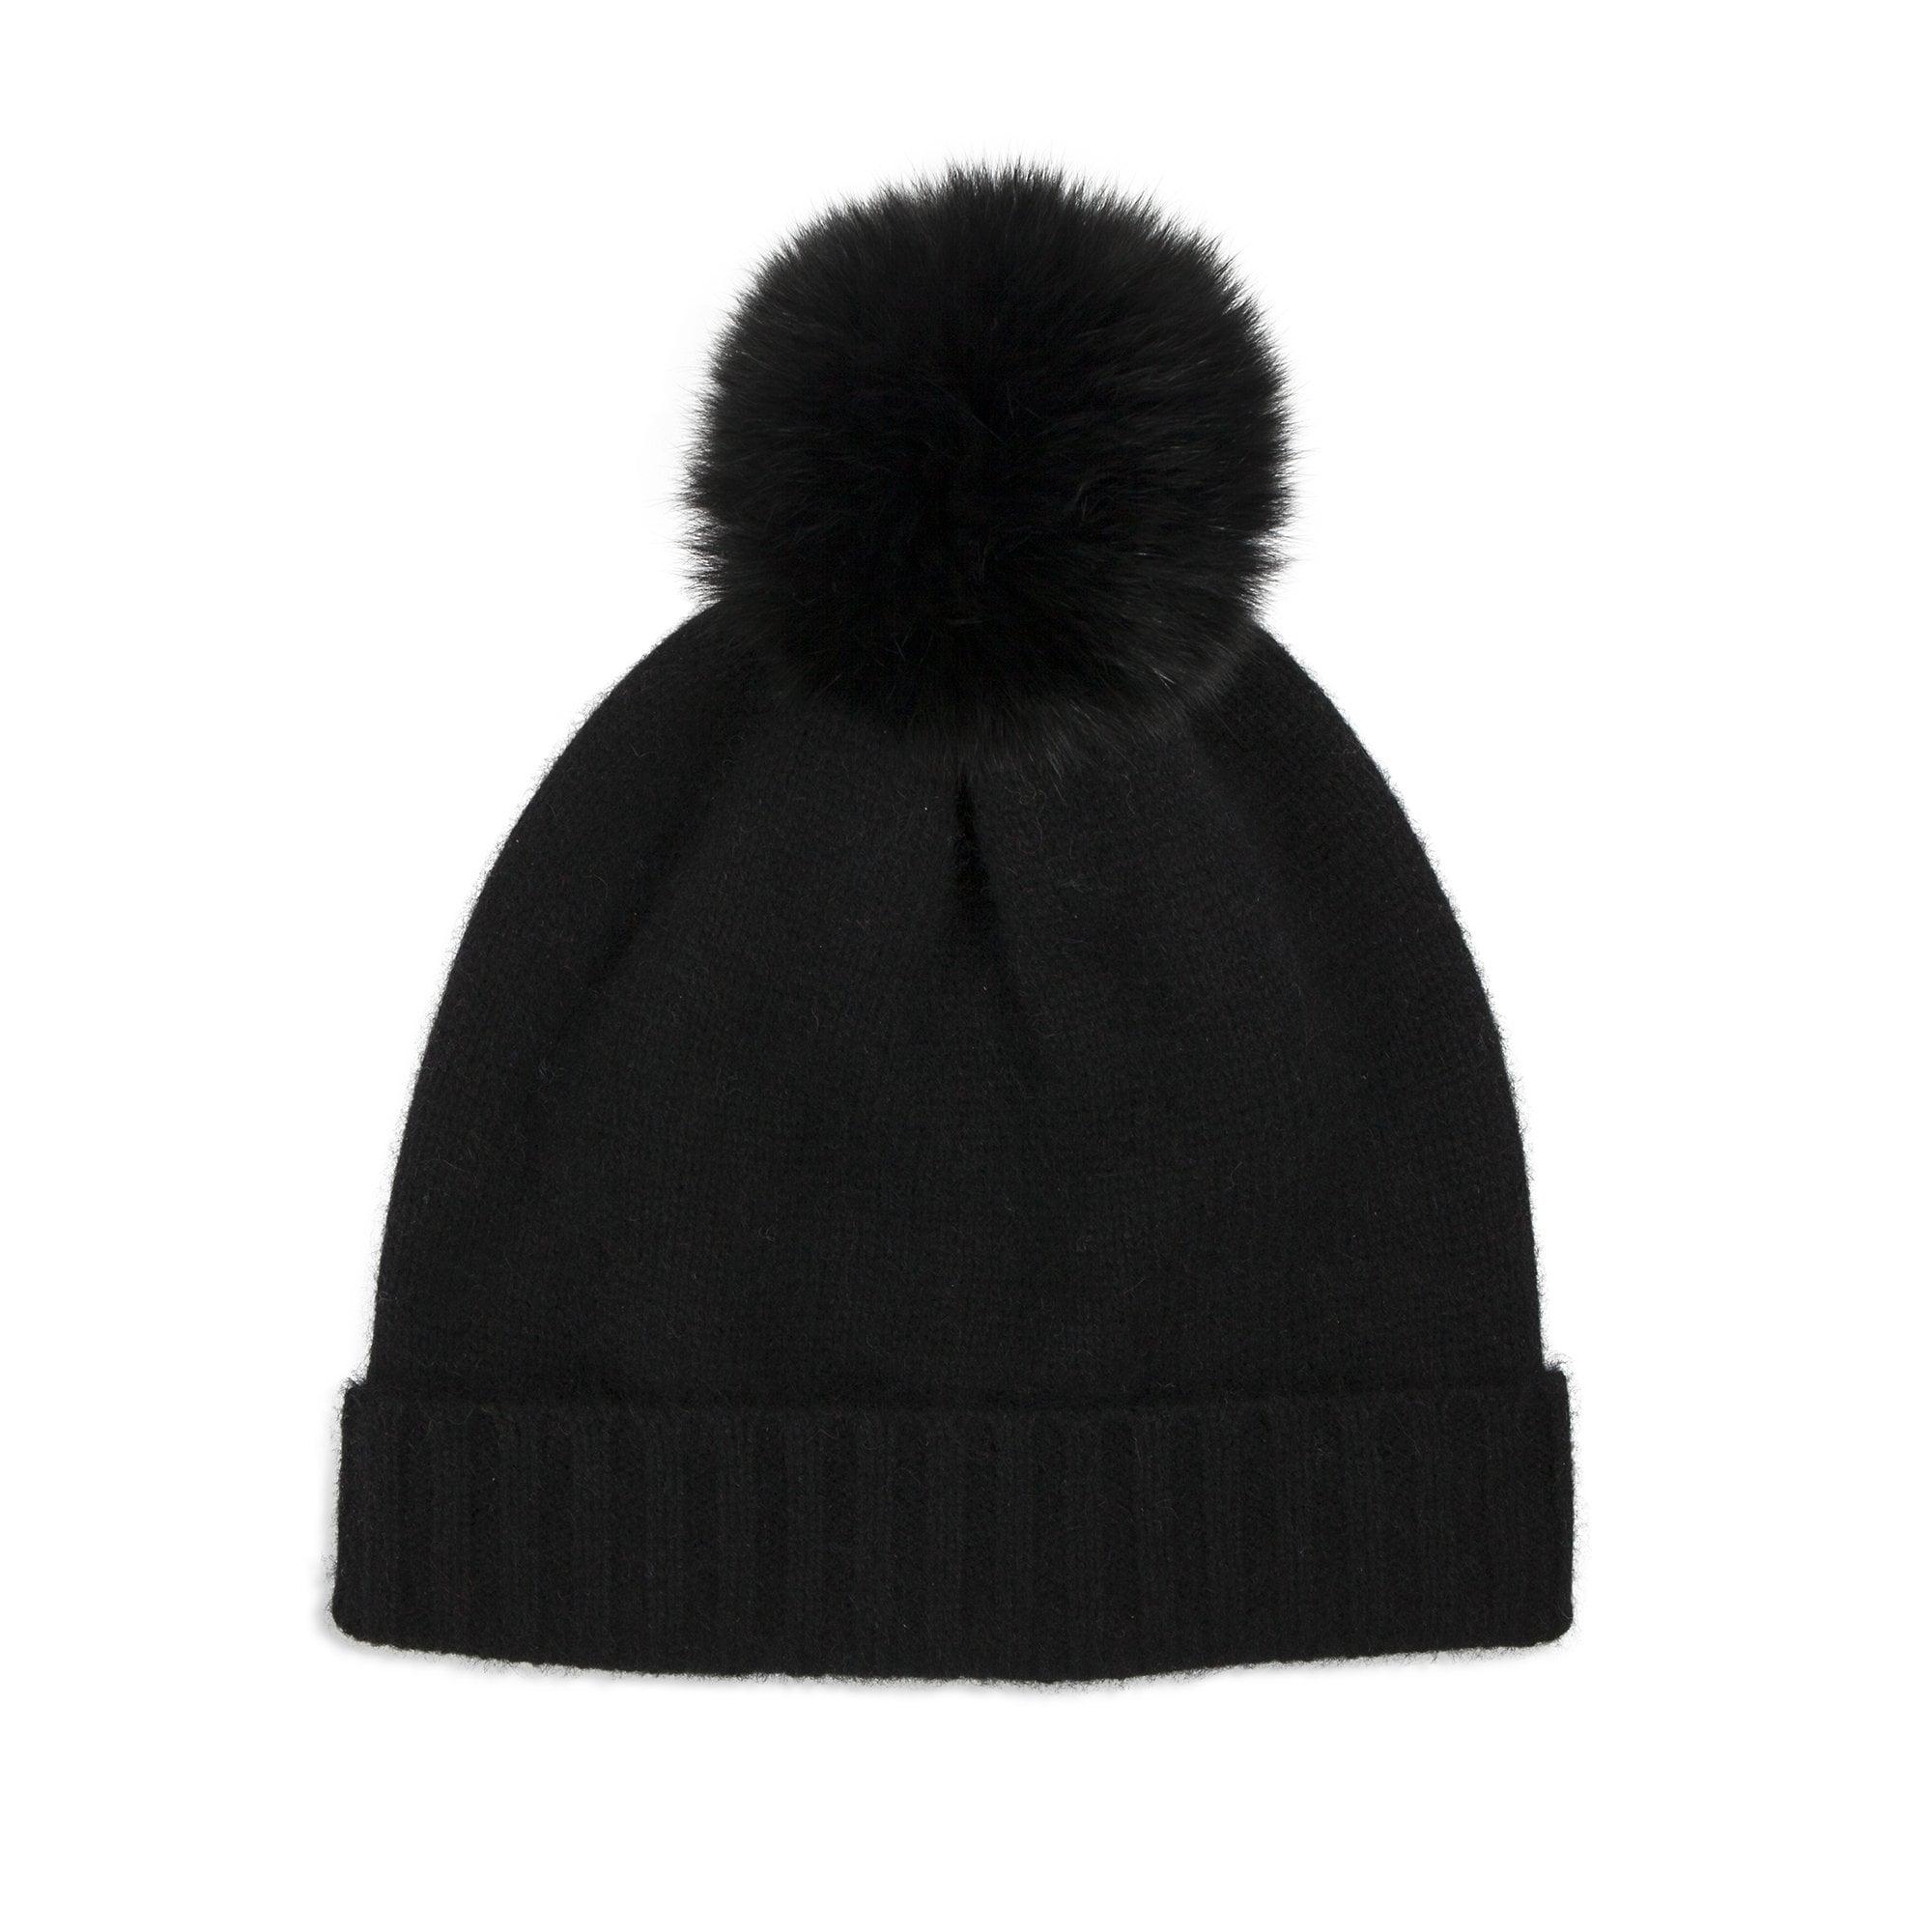 046496a1c Cashmere Plain Hat with Fur Bobble in Black